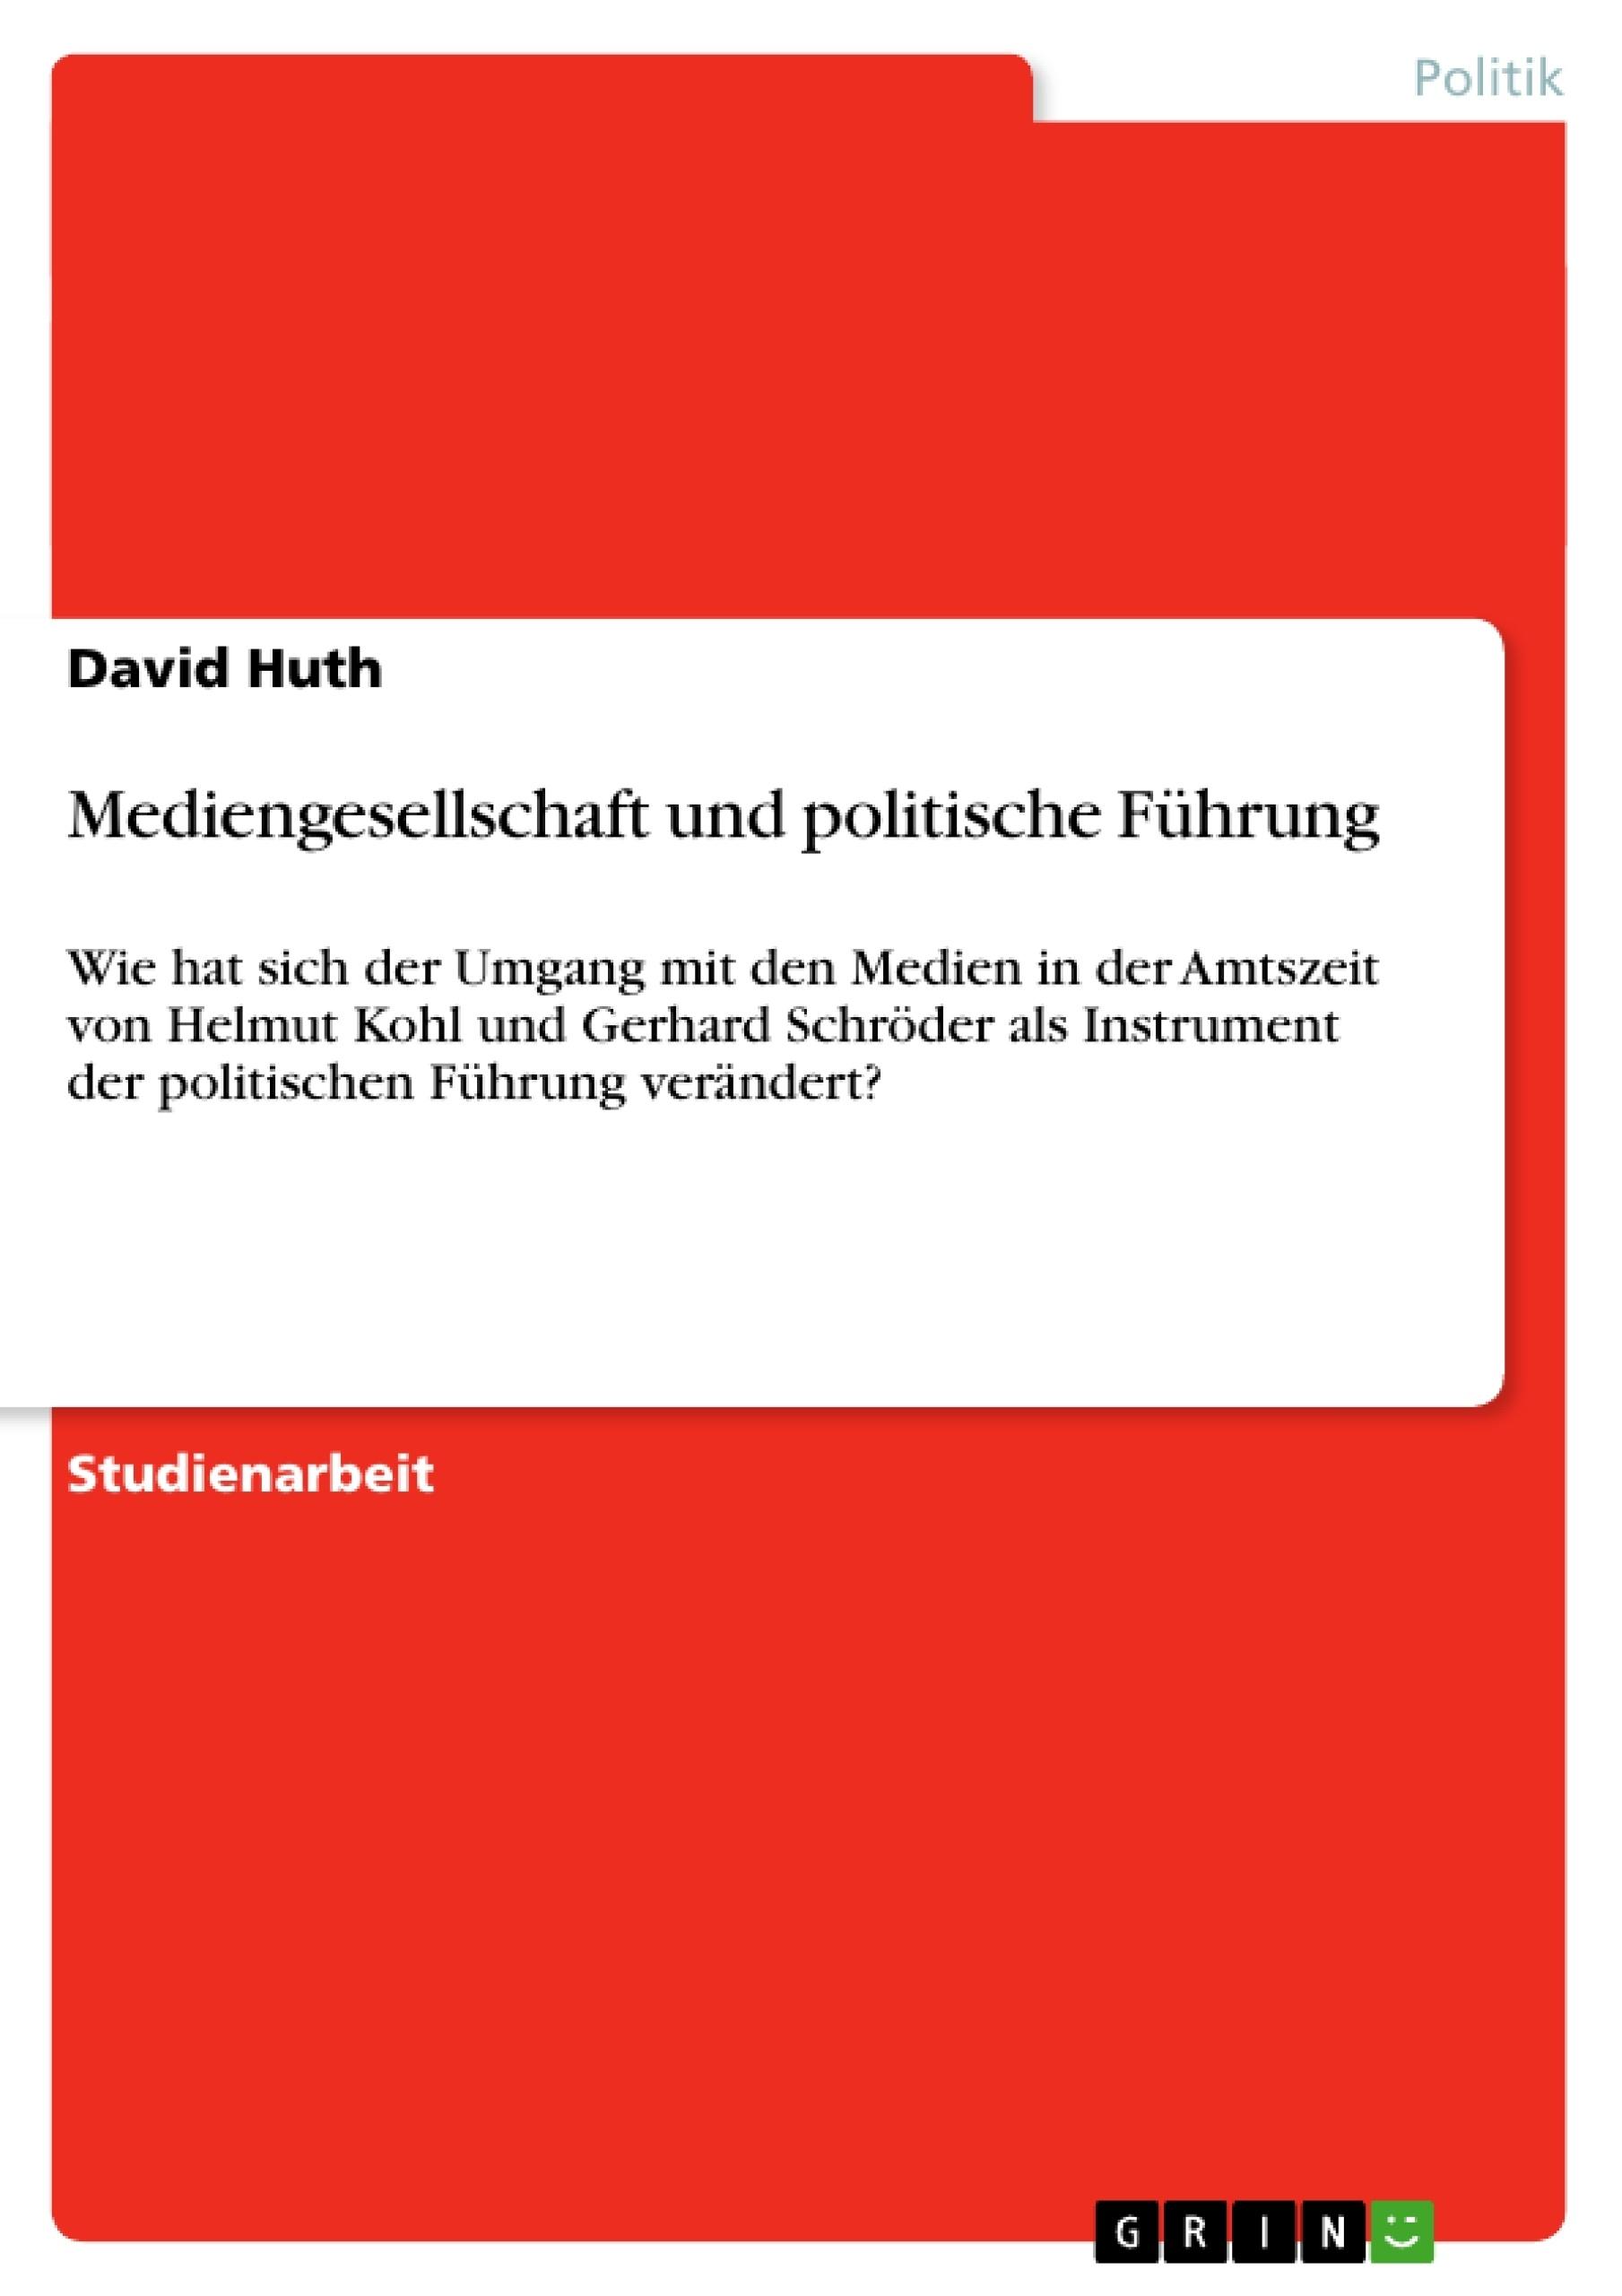 Titel: Mediengesellschaft und politische Führung